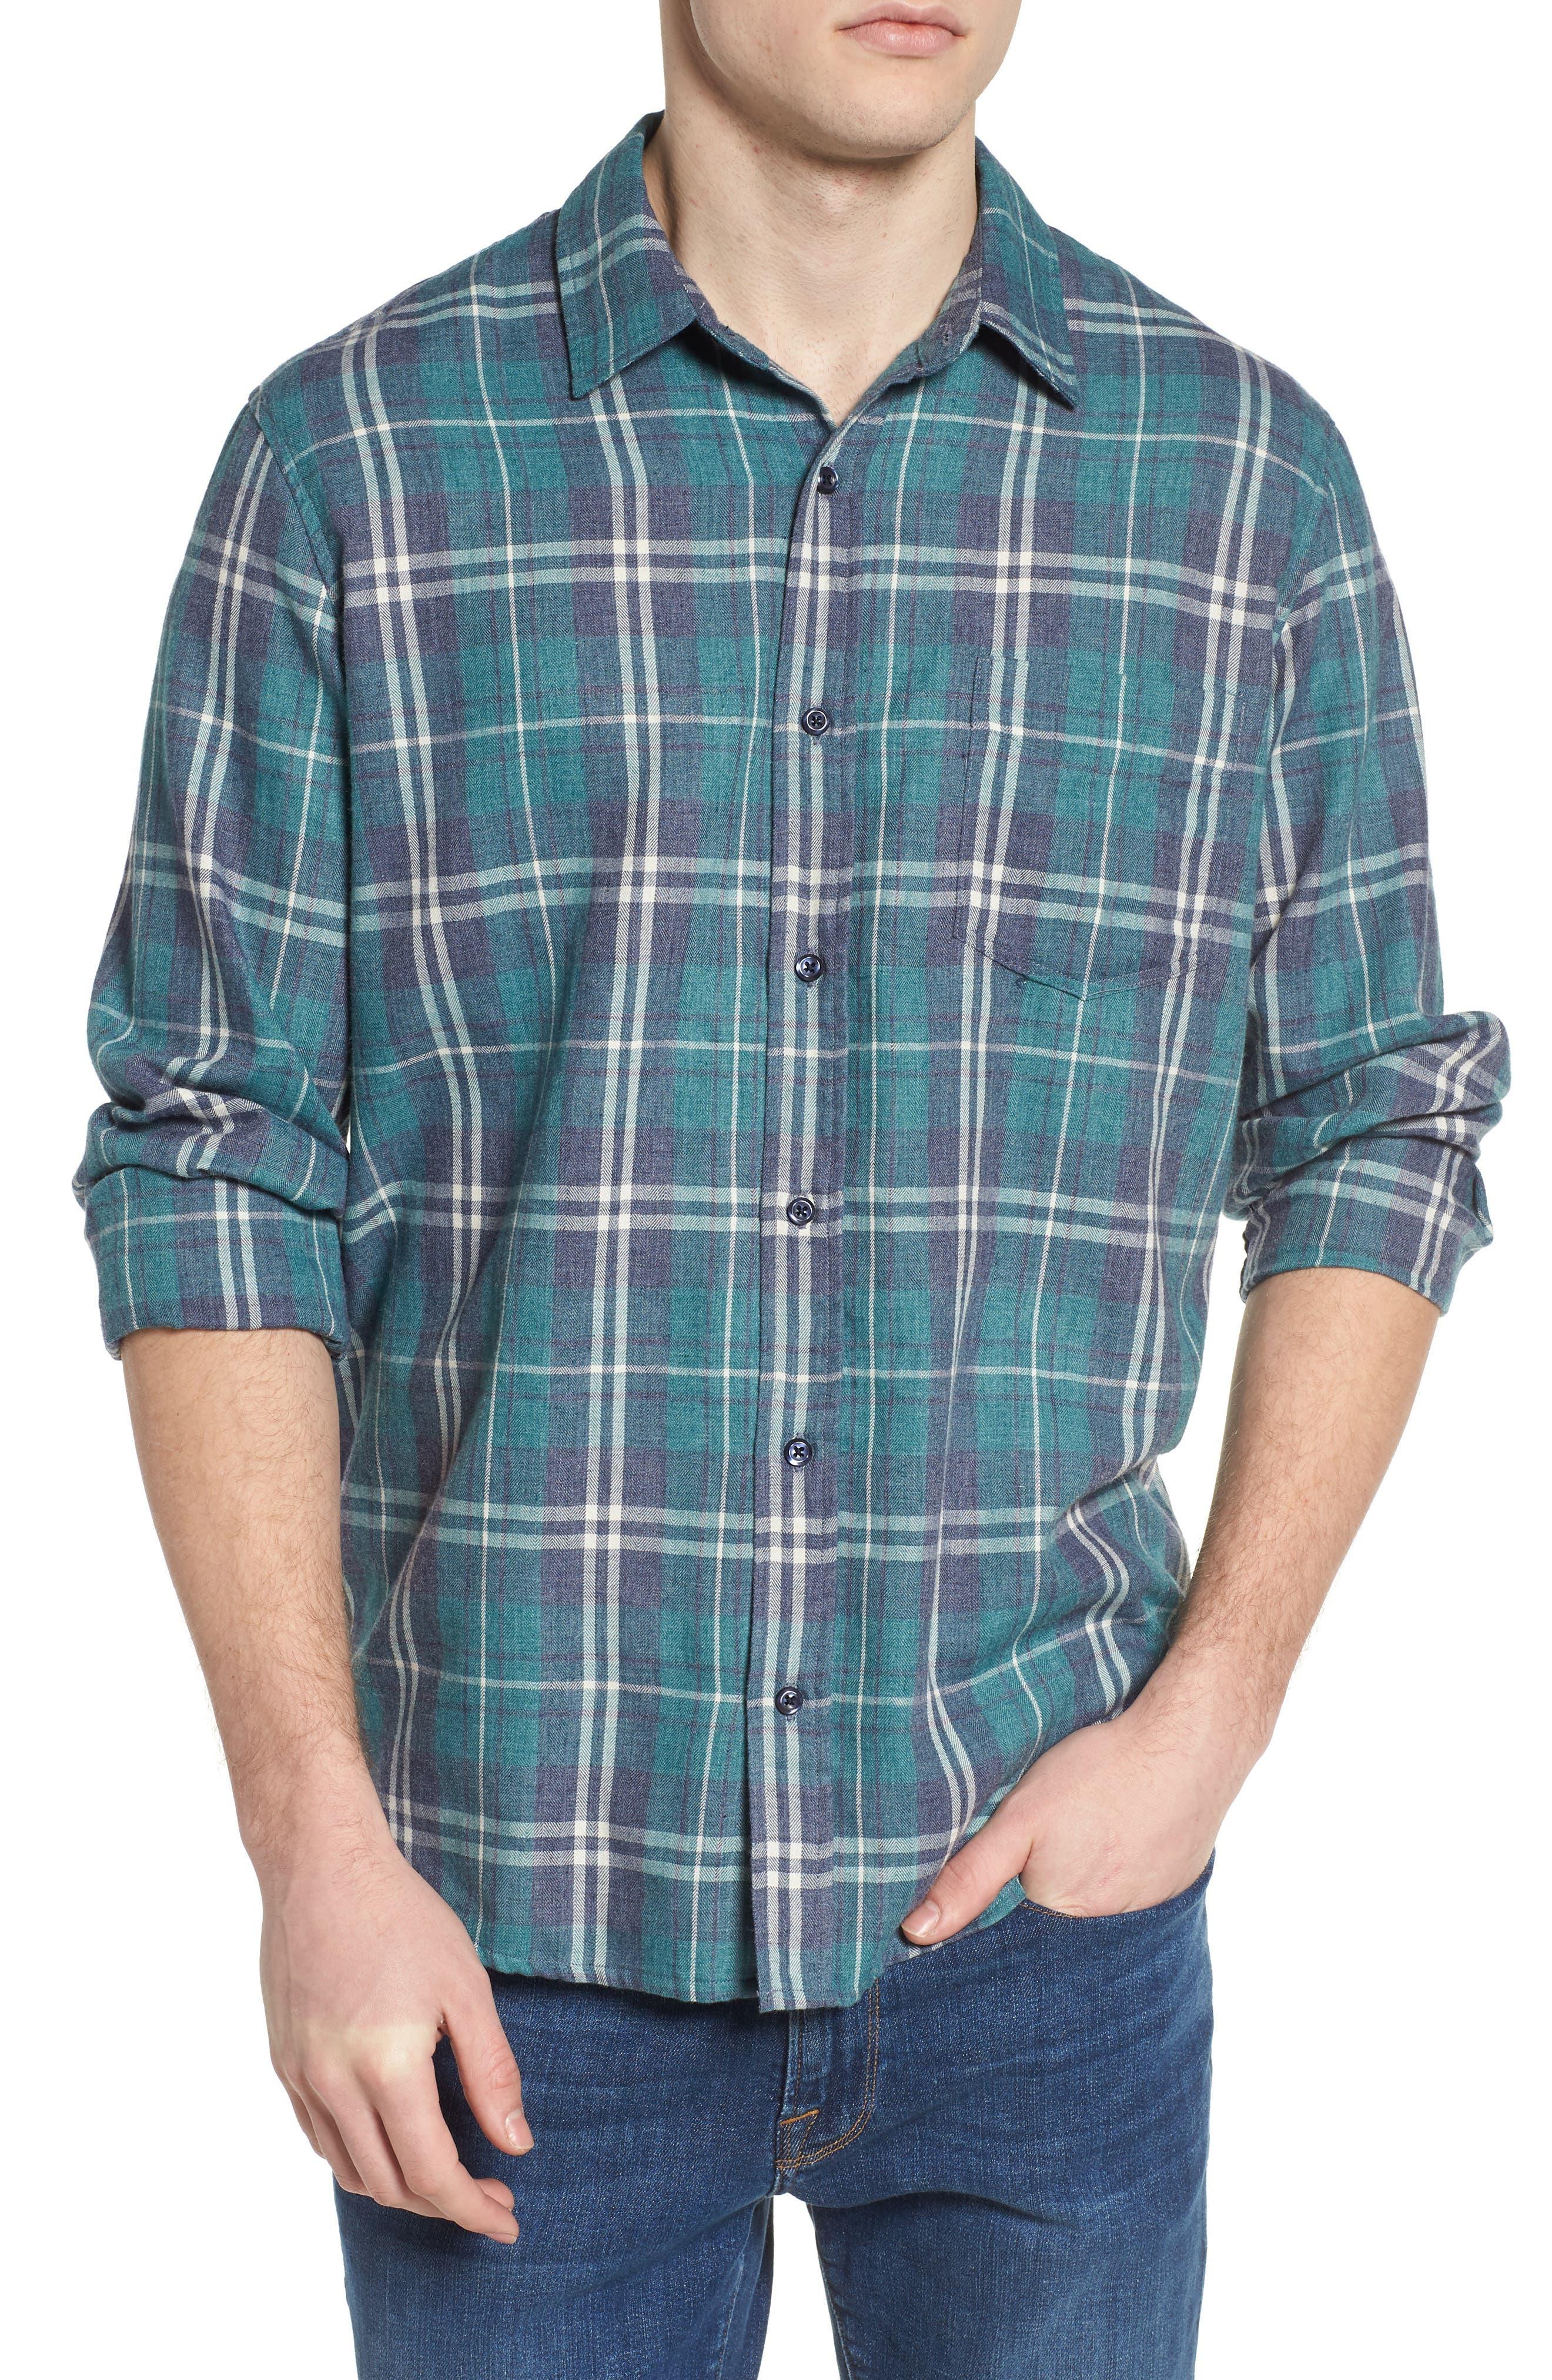 RAILS Lennox Slim Fit Plaid Woven Shirt, Main, color, 400